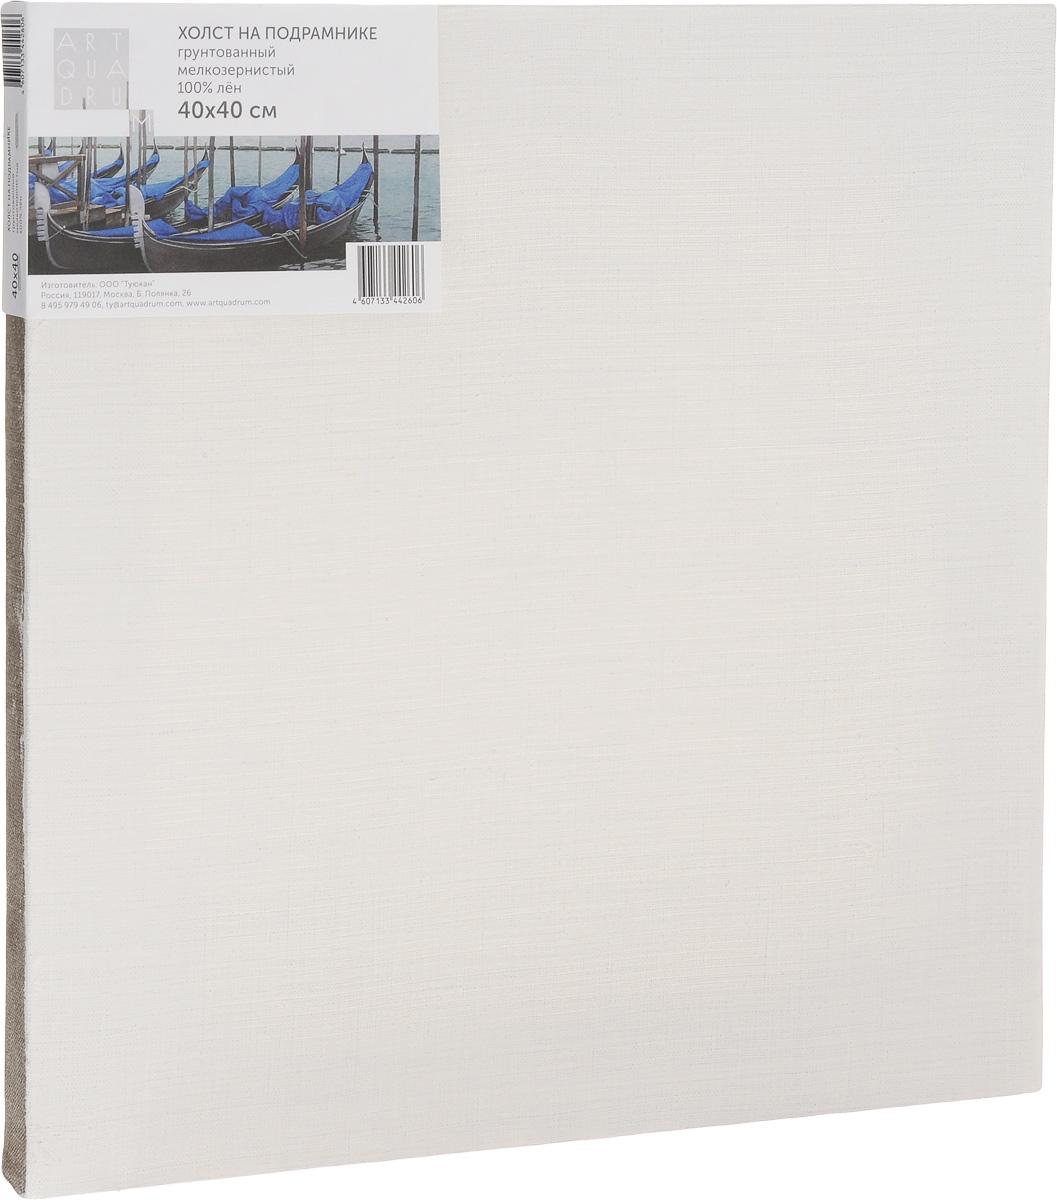 Холст на подрамнике Туюкан Мелкозернистый, 40 х 40 смТ0003832Холст для живописи грунтованный на подрамнике. Идеально подходит для работы маслом, акрилом. 100% лен.